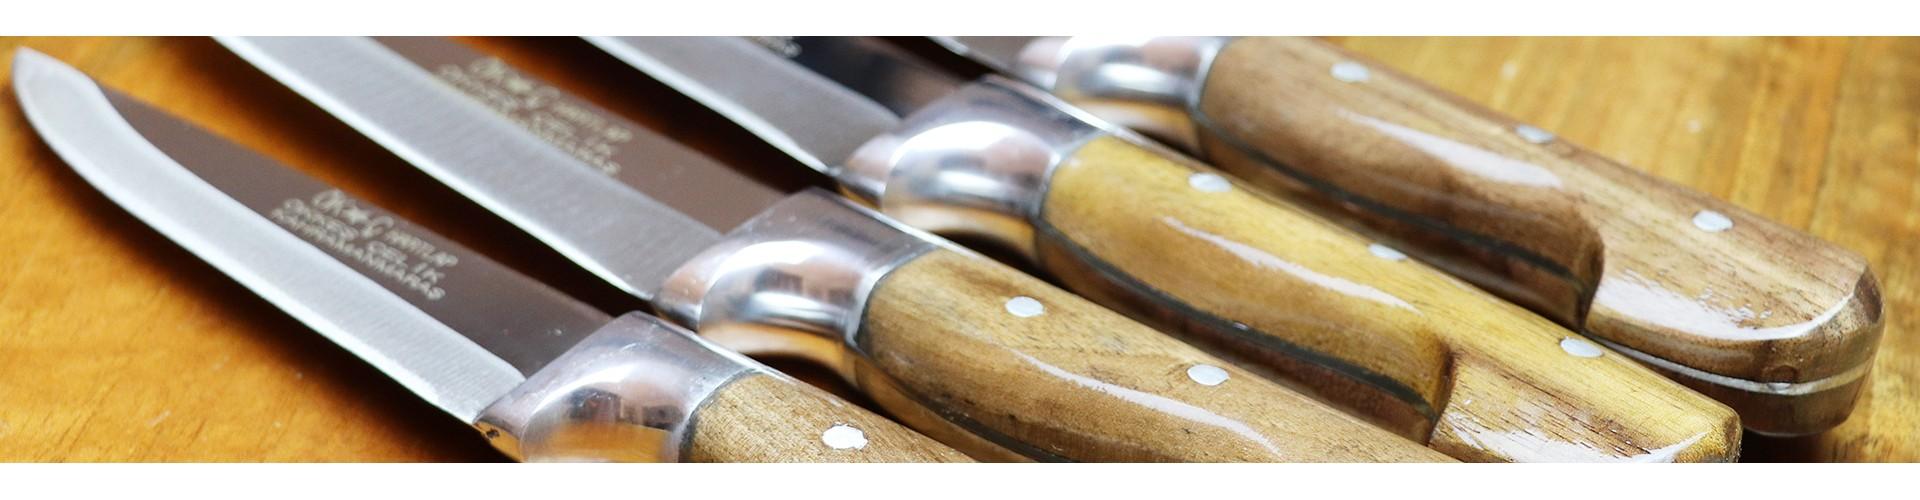 Ökkeş çelik bıçakları